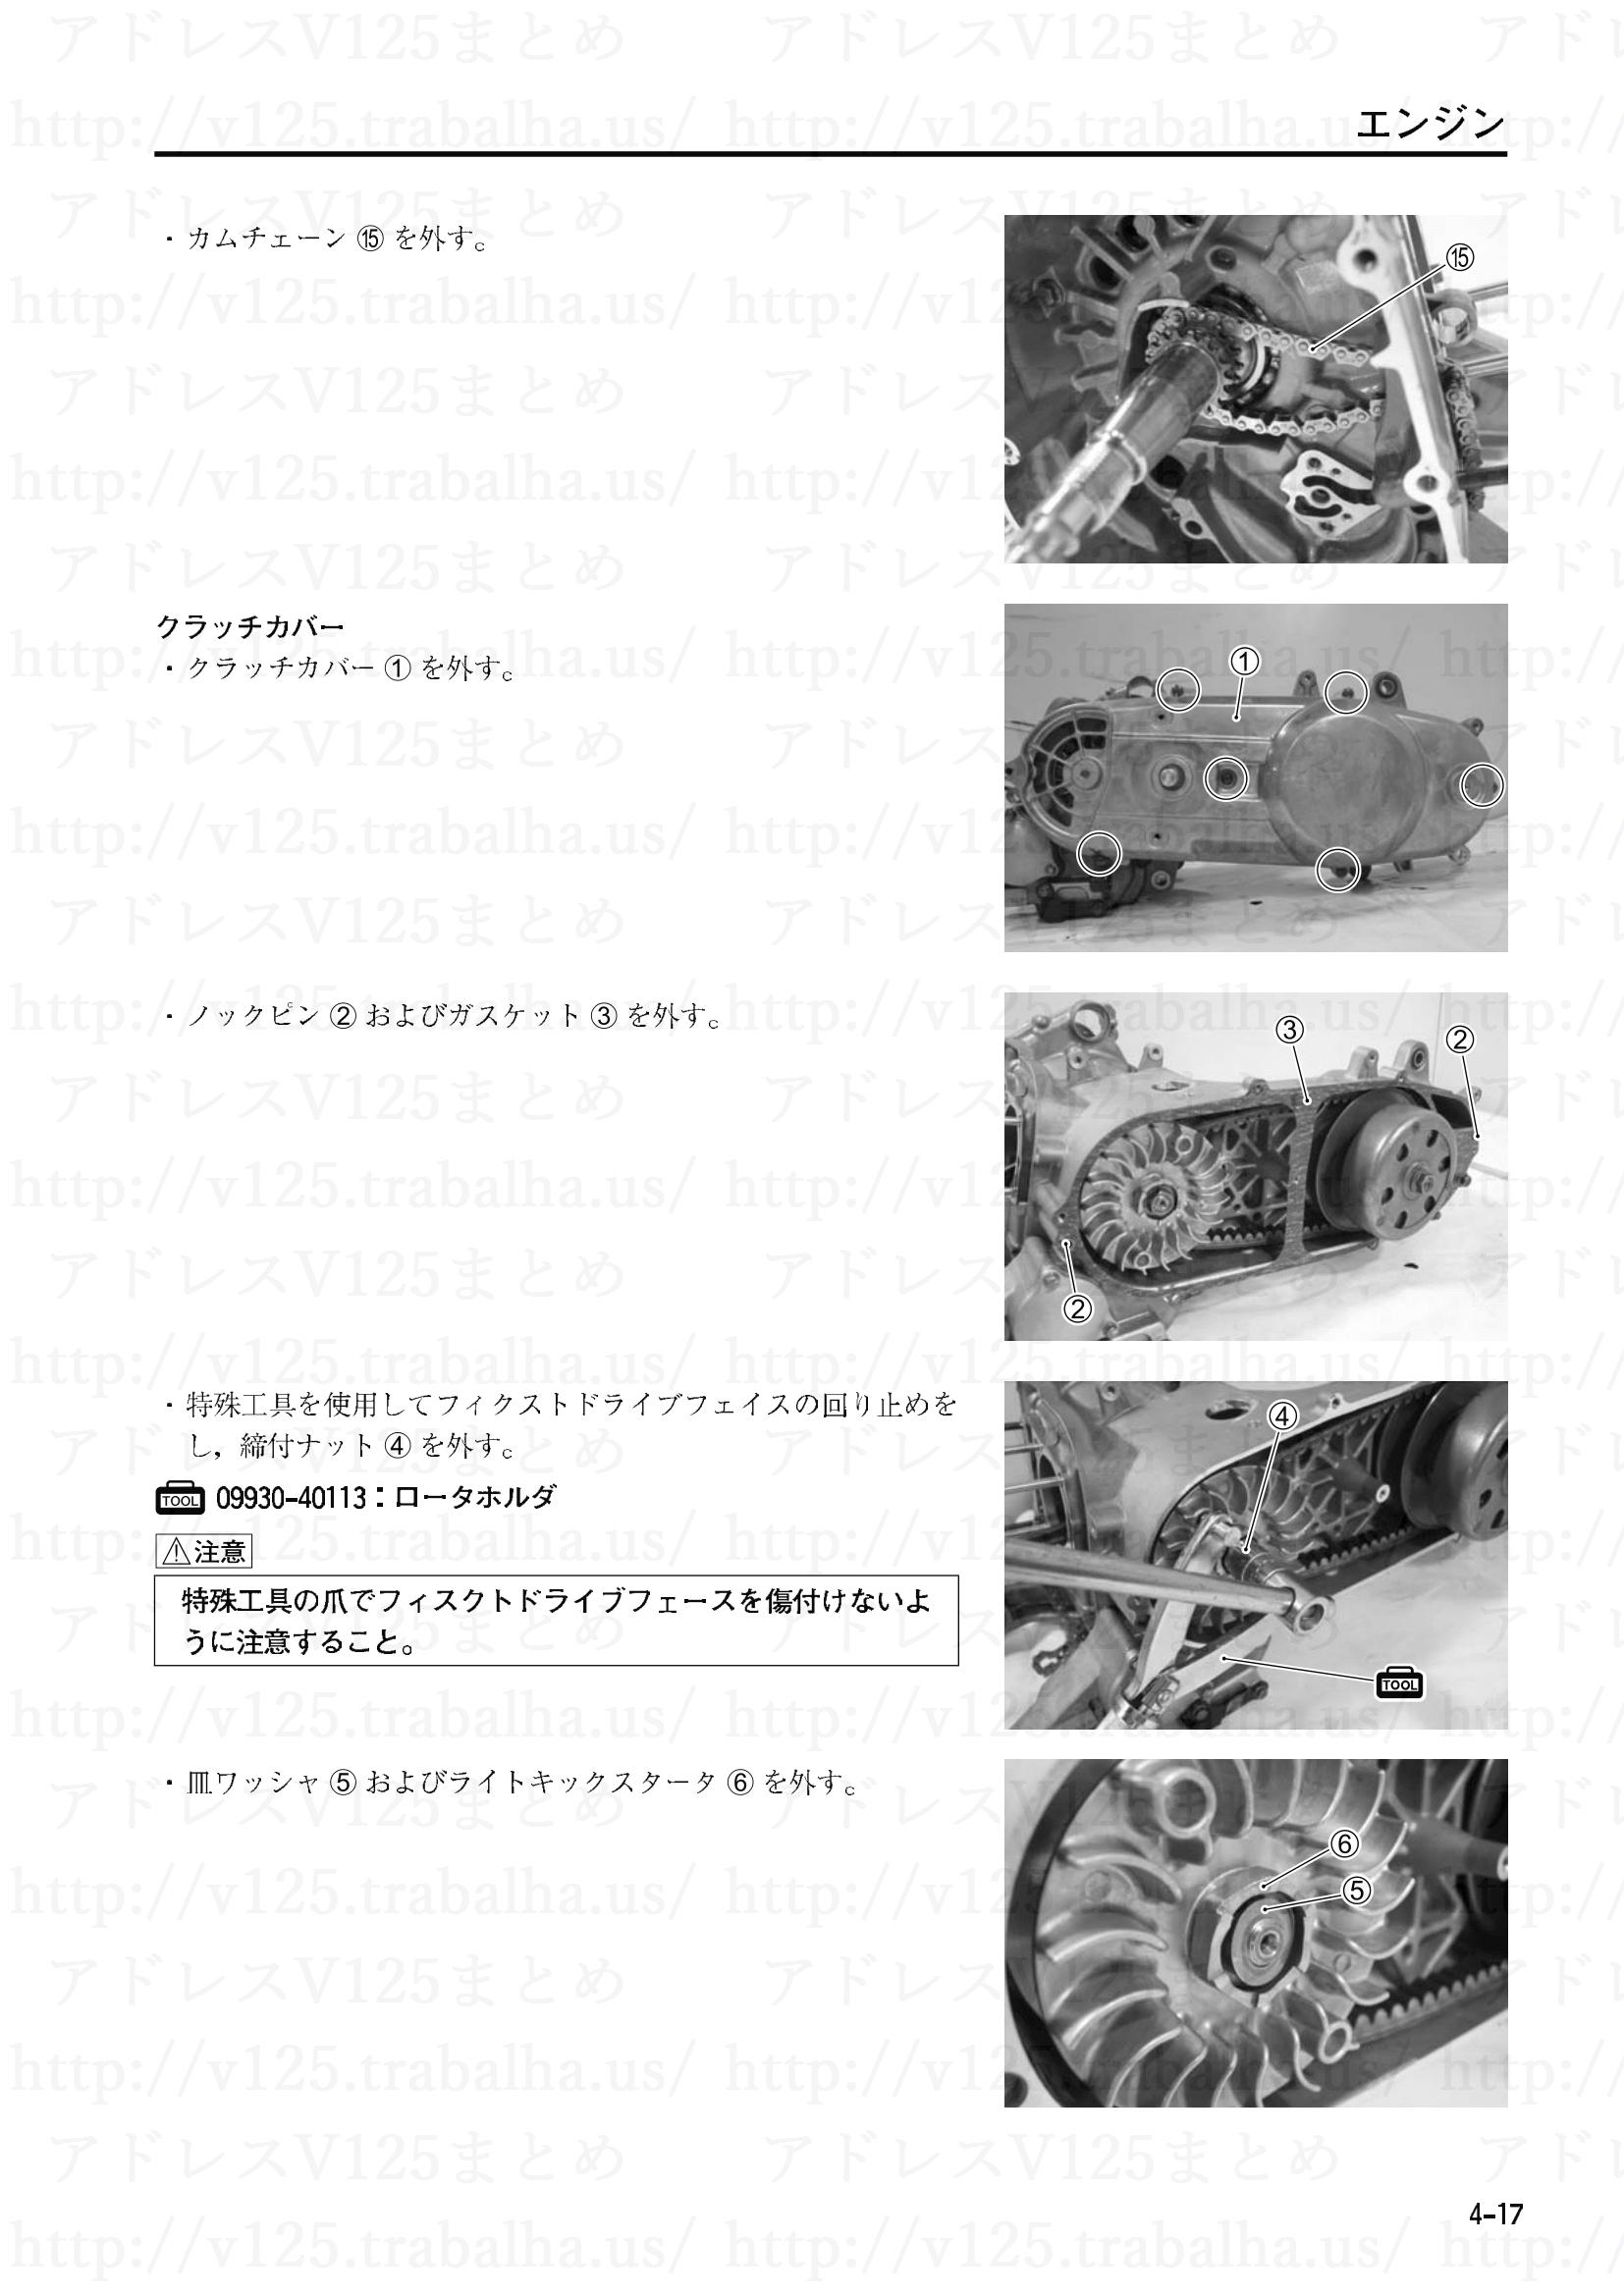 4-17【エンジン】エンジンの分解6